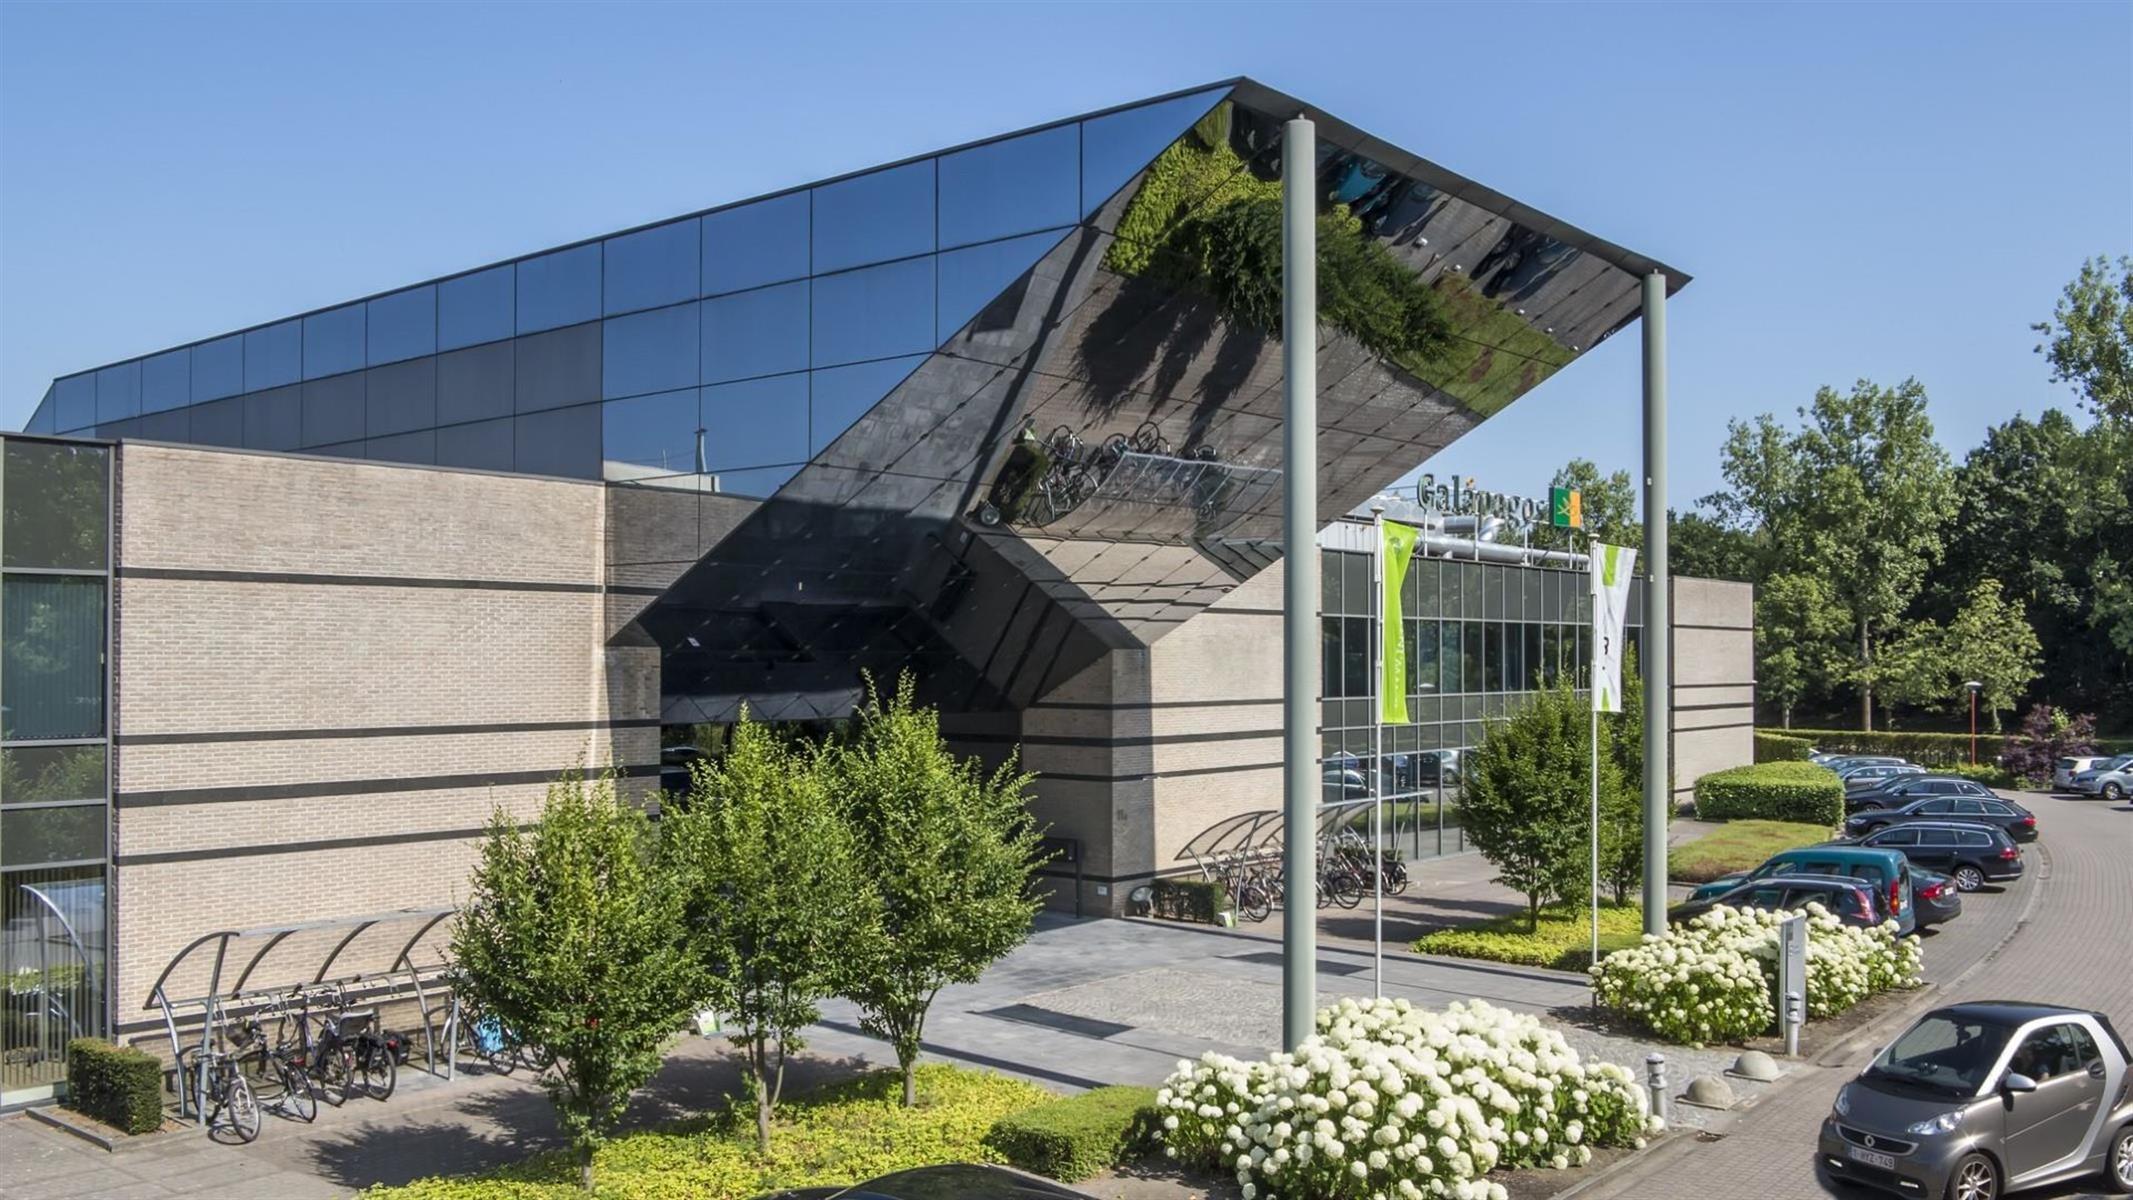 kantoor te huur I126 - Kantoor - Generaal de Wittelaan 17, 2800 Mechelen, België 2